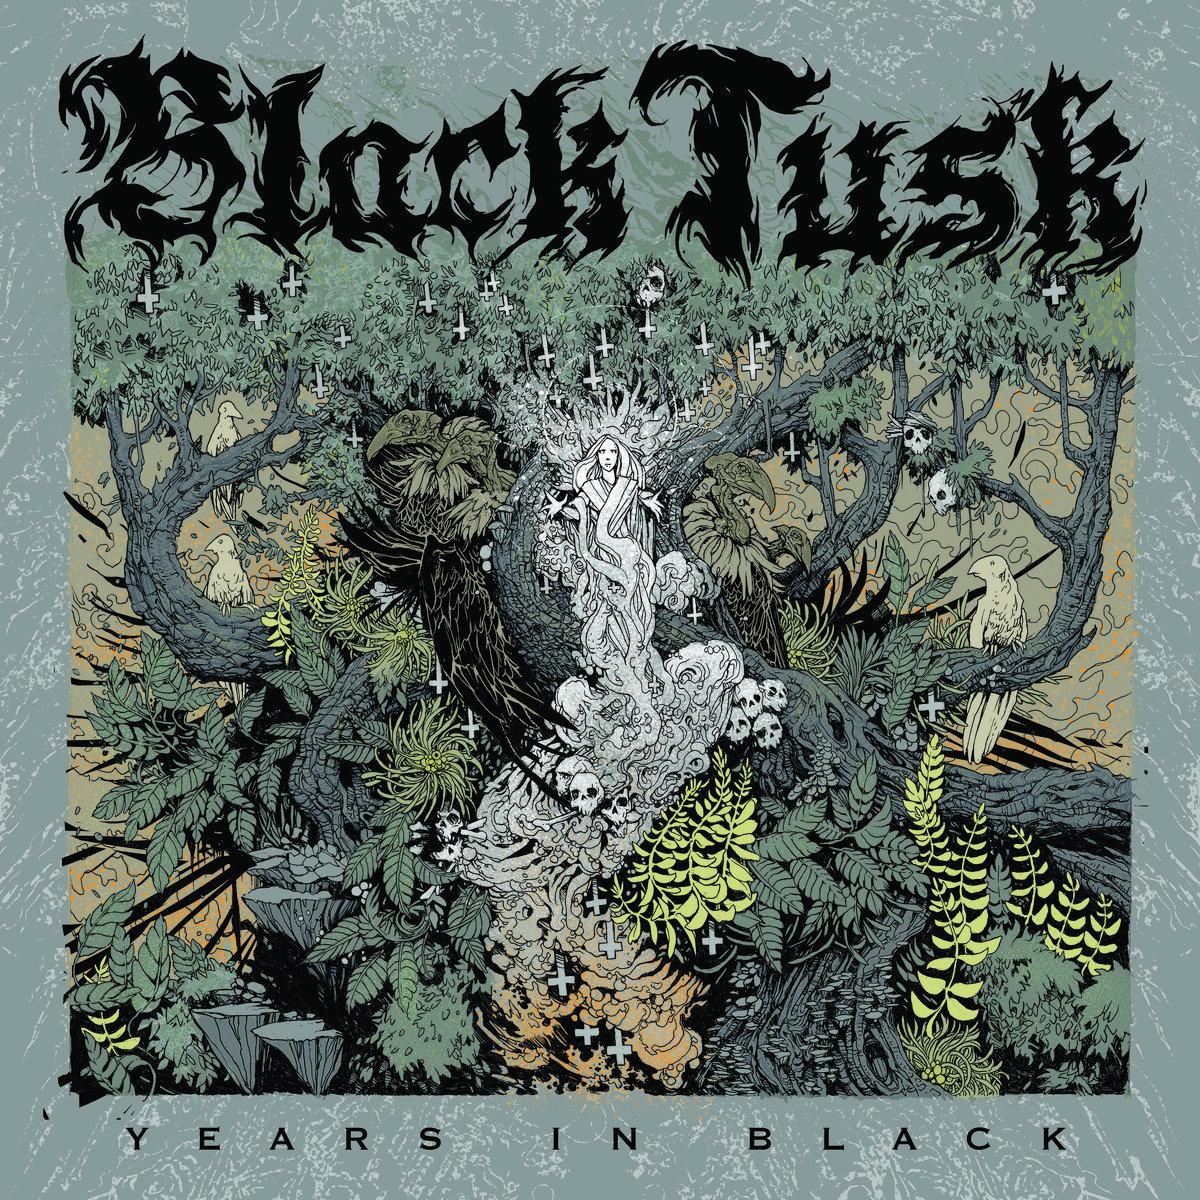 black tusk years in black